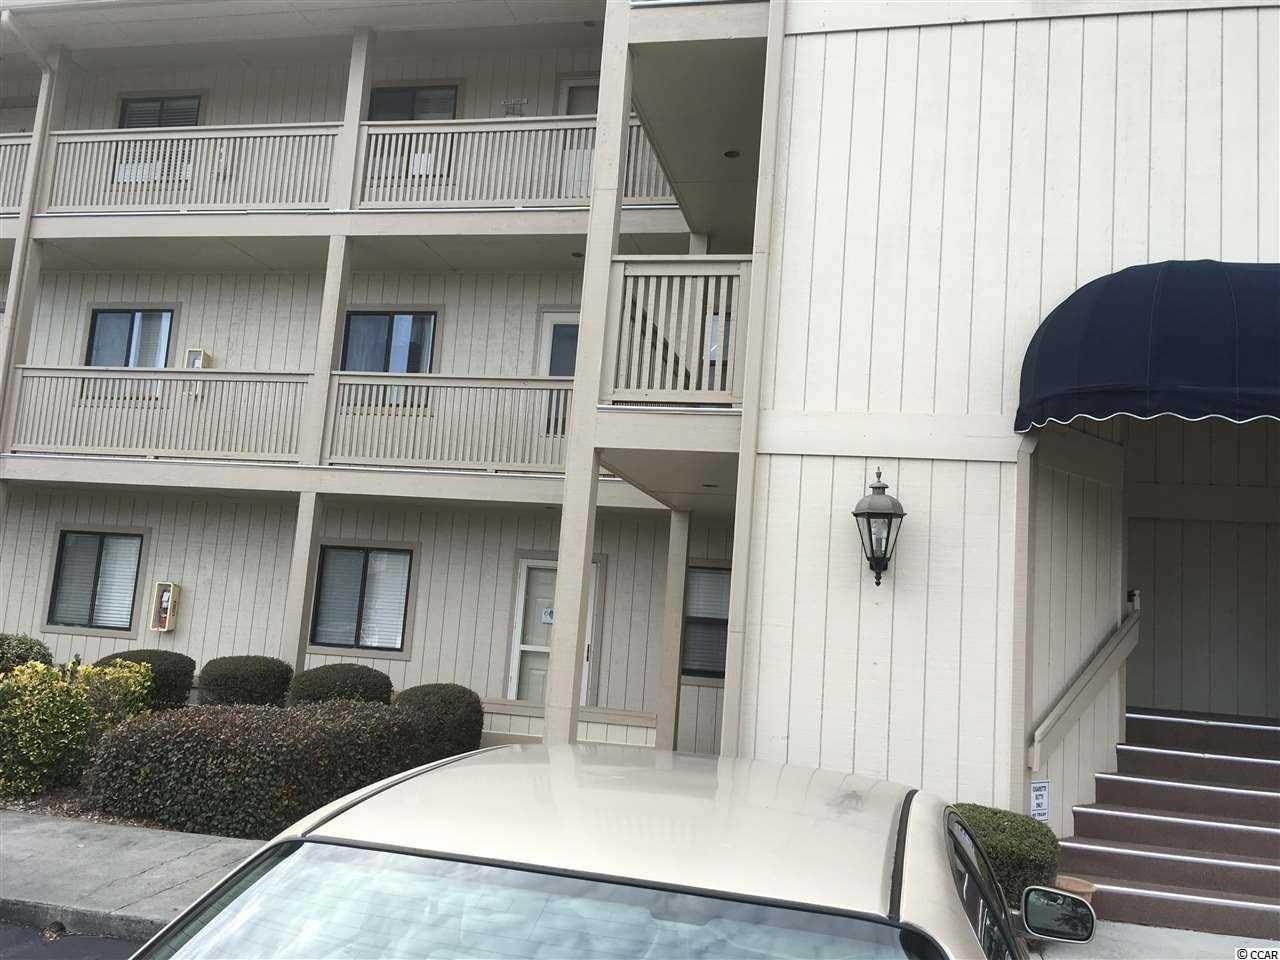 4105 Pinehurst Circle #CC-9 Little River, SC 29566 | MLS 1802957 Photo 1